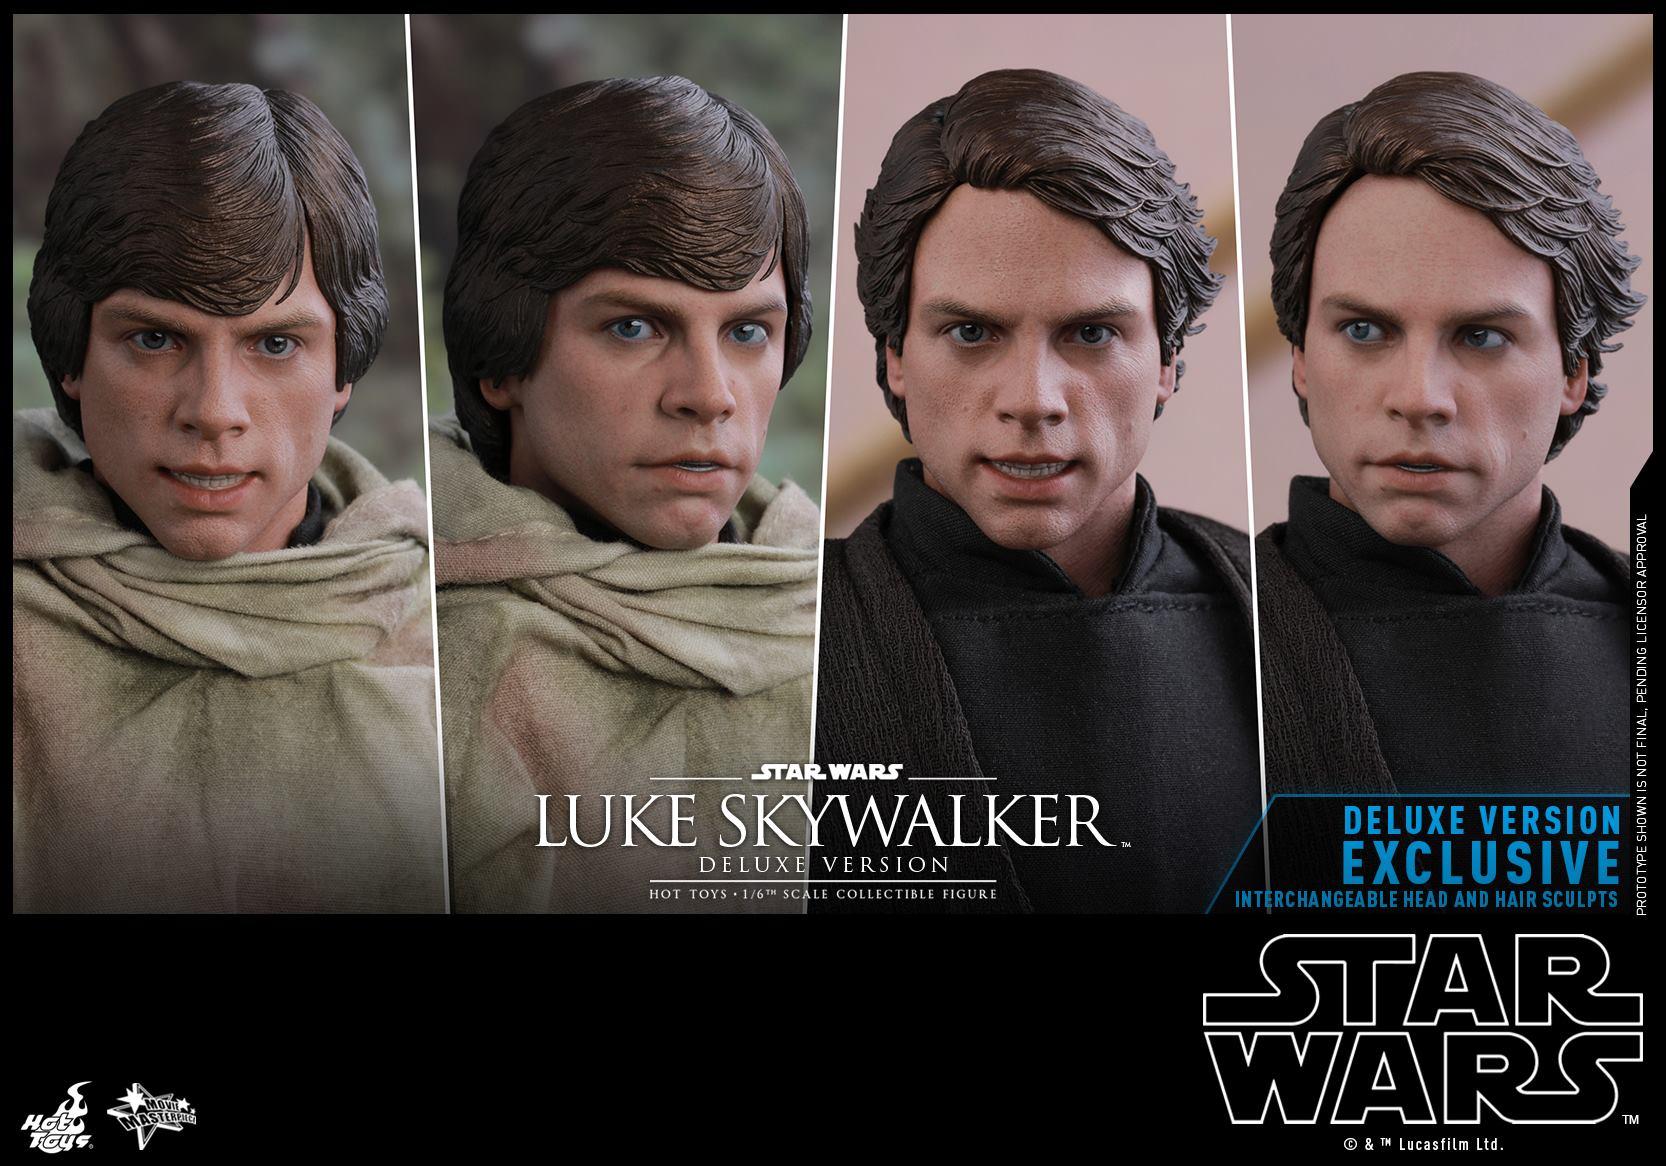 Hot Toys Luke Skywalker Deluxe 6